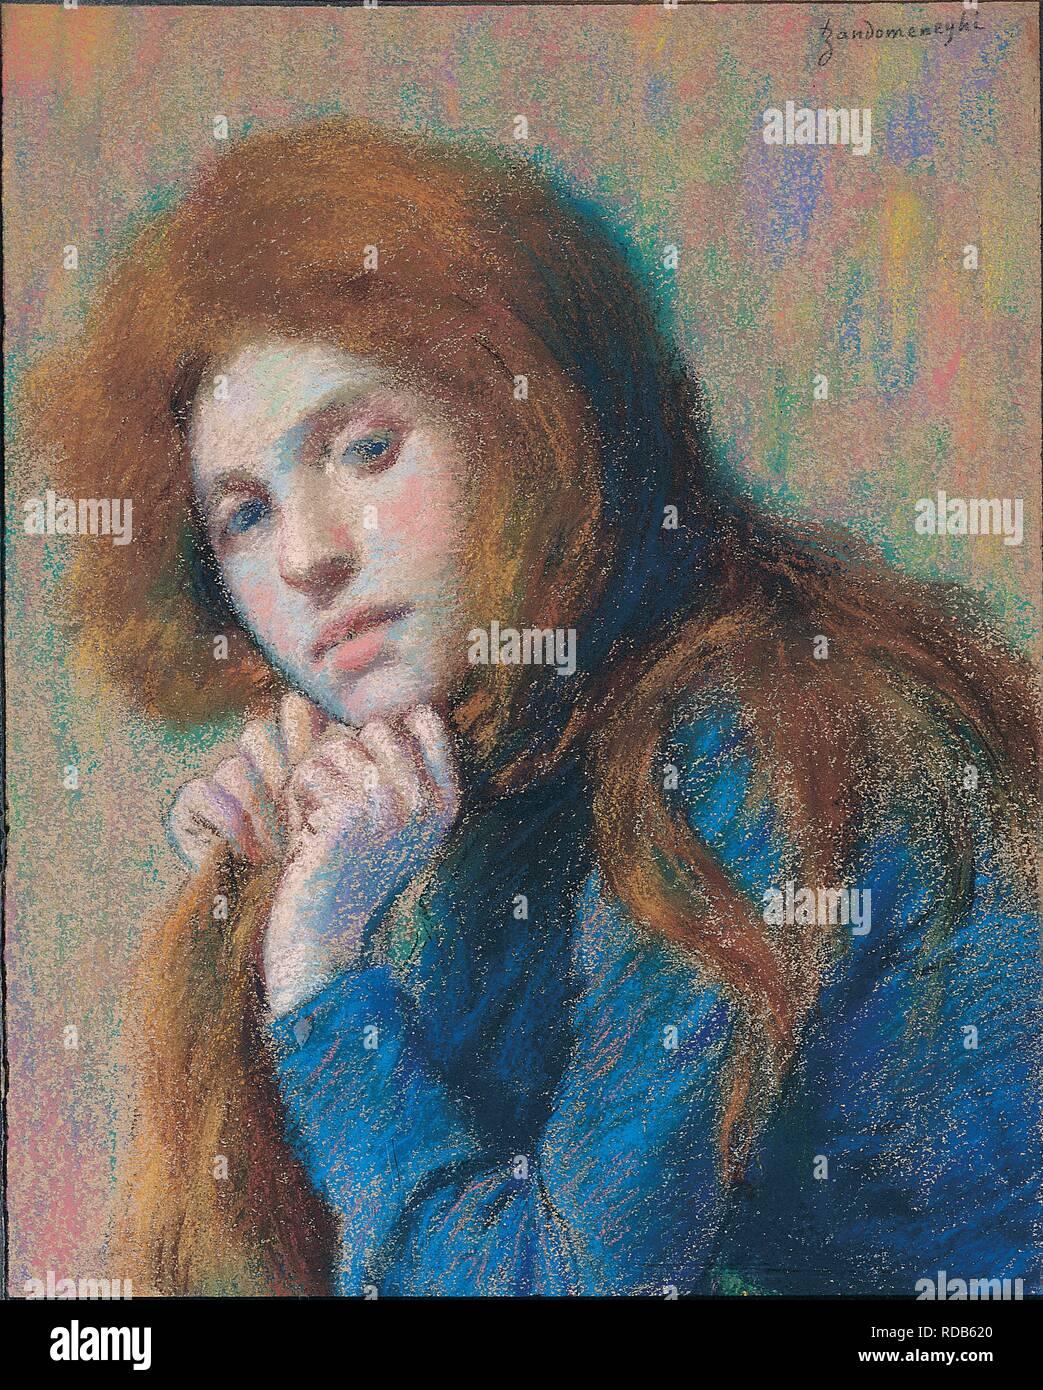 Matilde. Museum: PRIVATE COLLECTION. Author: ZANDOMENEGHI, FEDERICO. - Stock Image